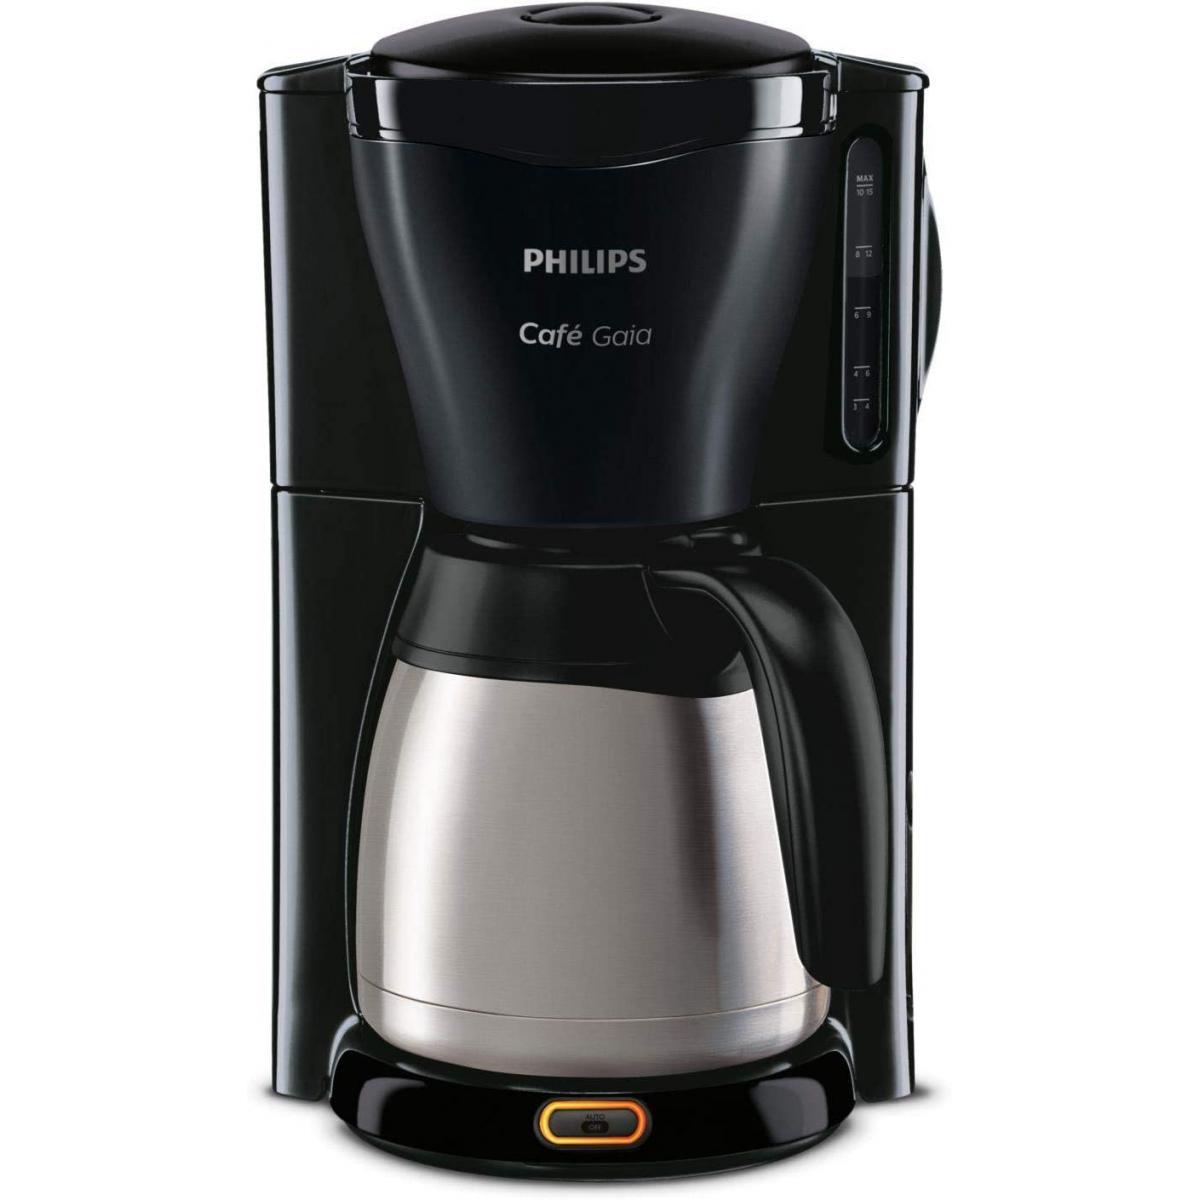 Philips cafetière électrique programamble de 1,2L 1000W gris noir